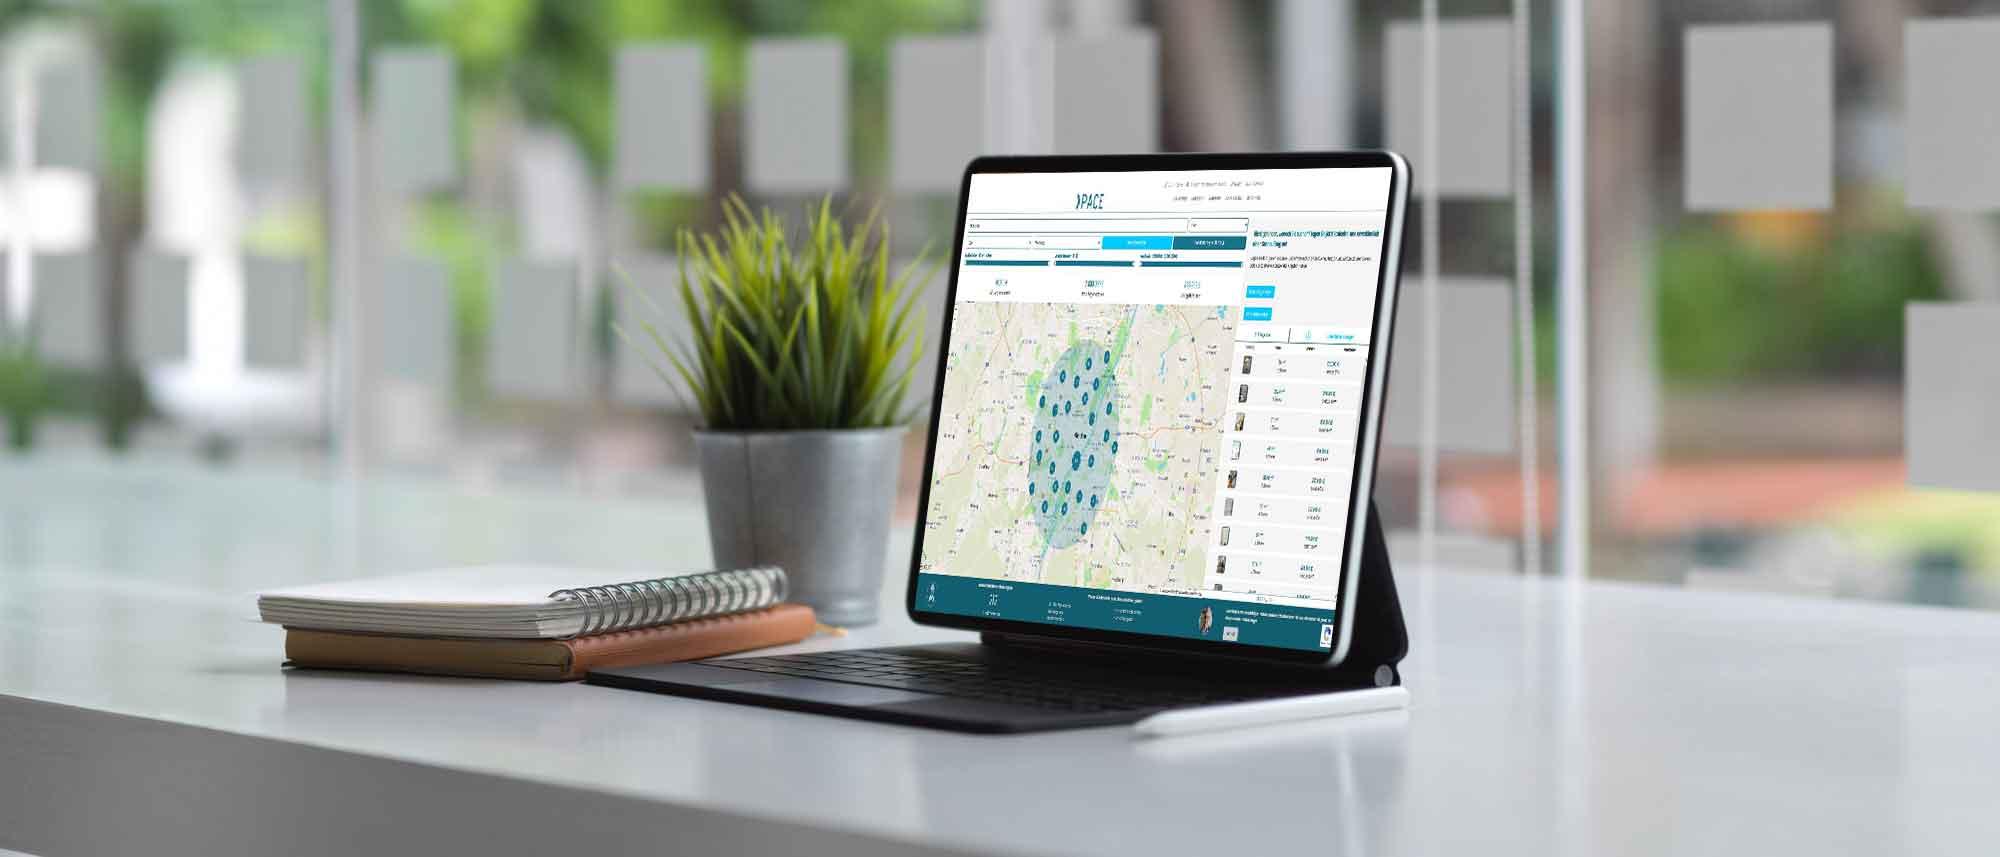 Wohnraum Monitor Online Marketbericht in Echtzeit Marktdaten 1